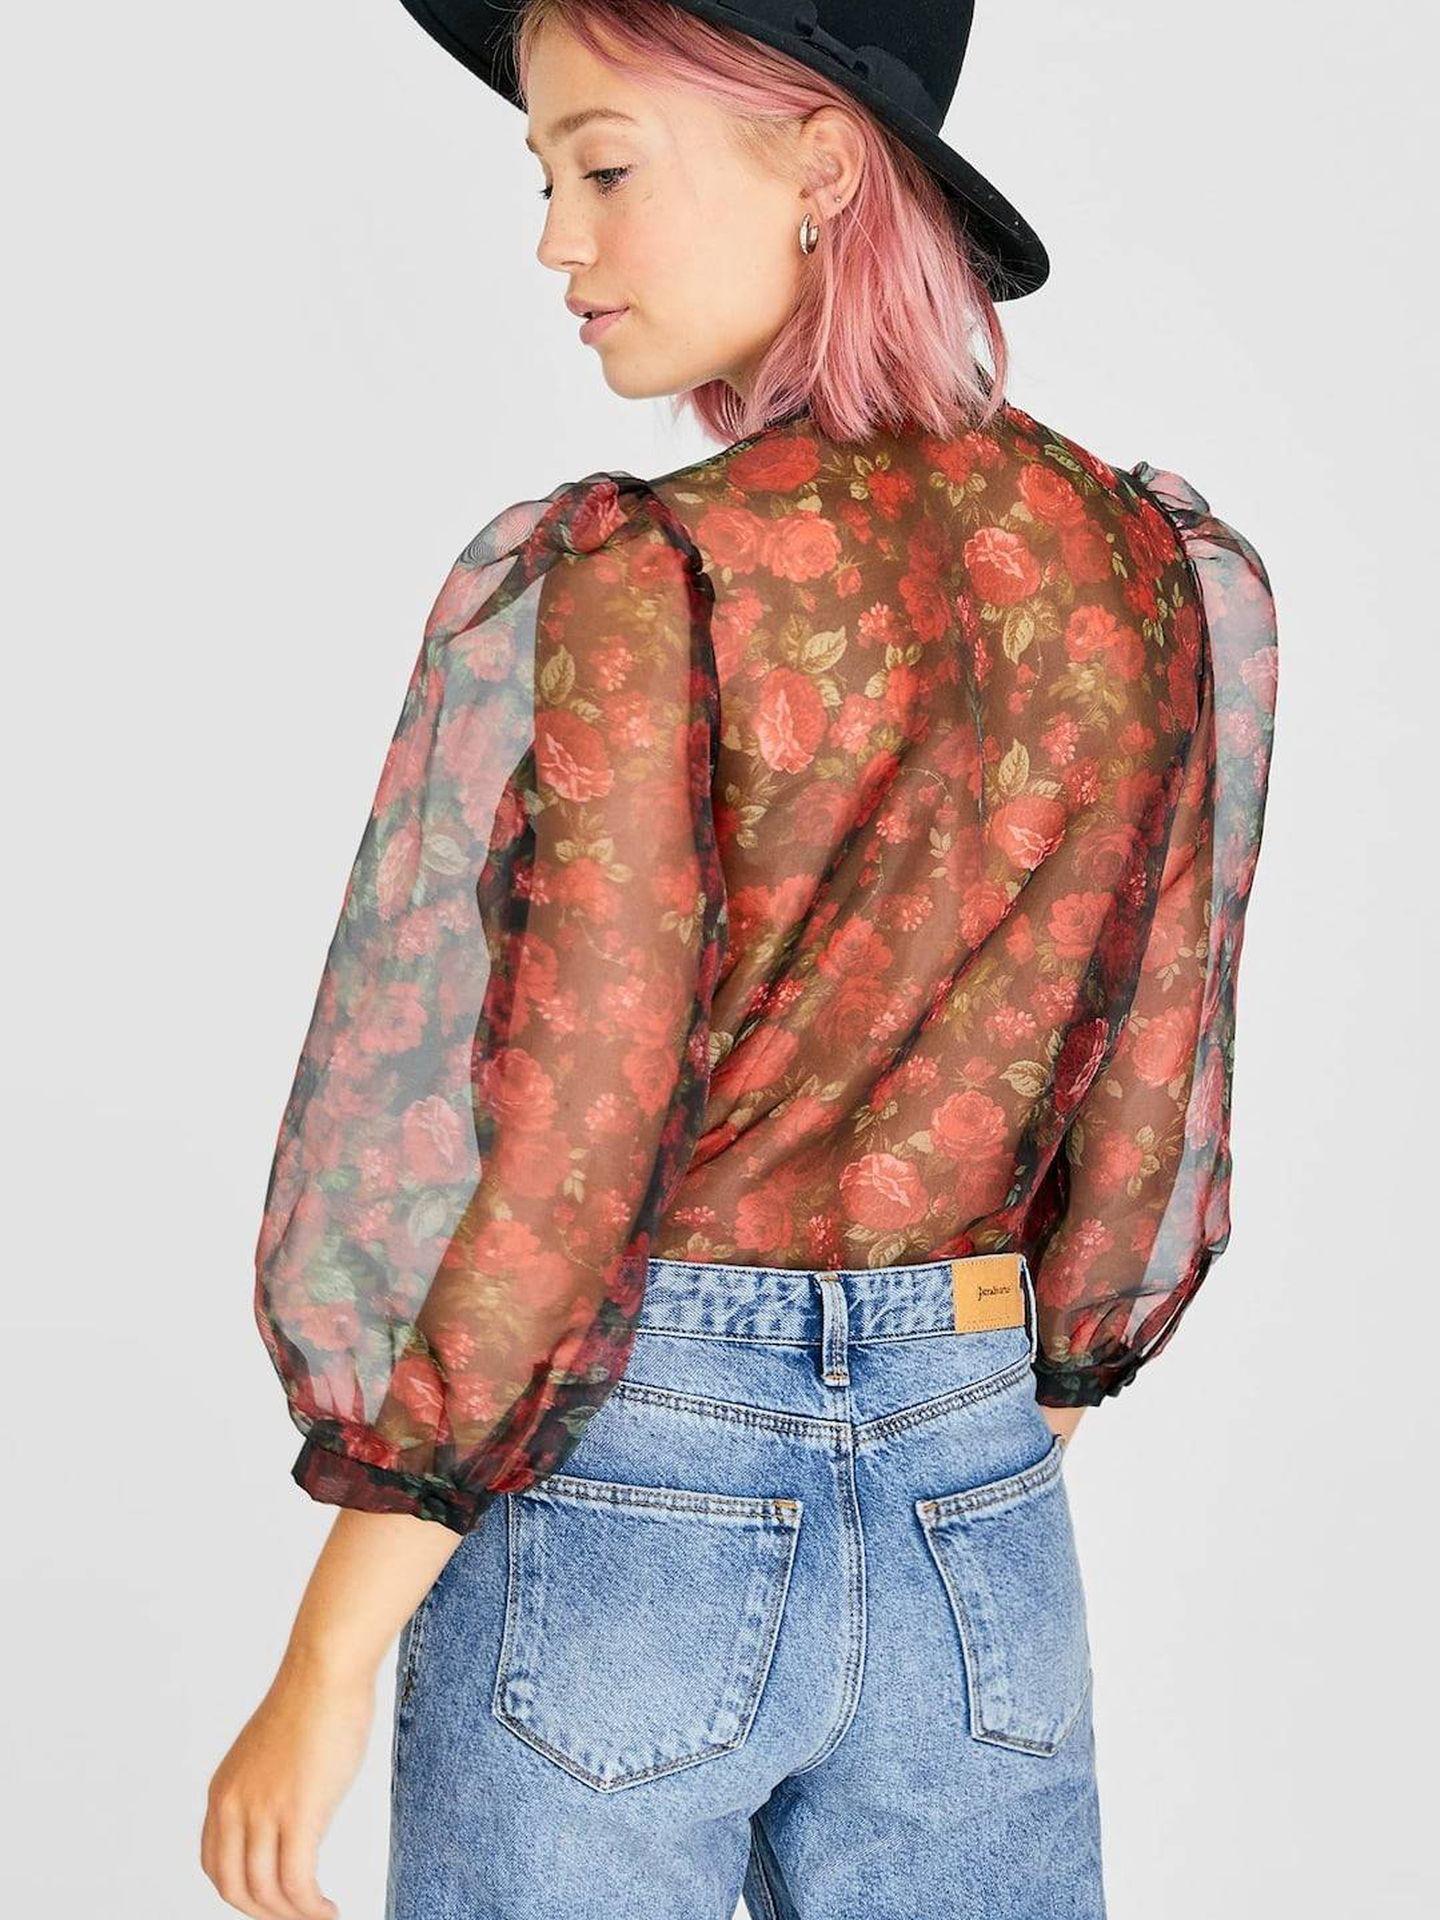 La espalda, elemento clave de la blusa. (Cortesía)